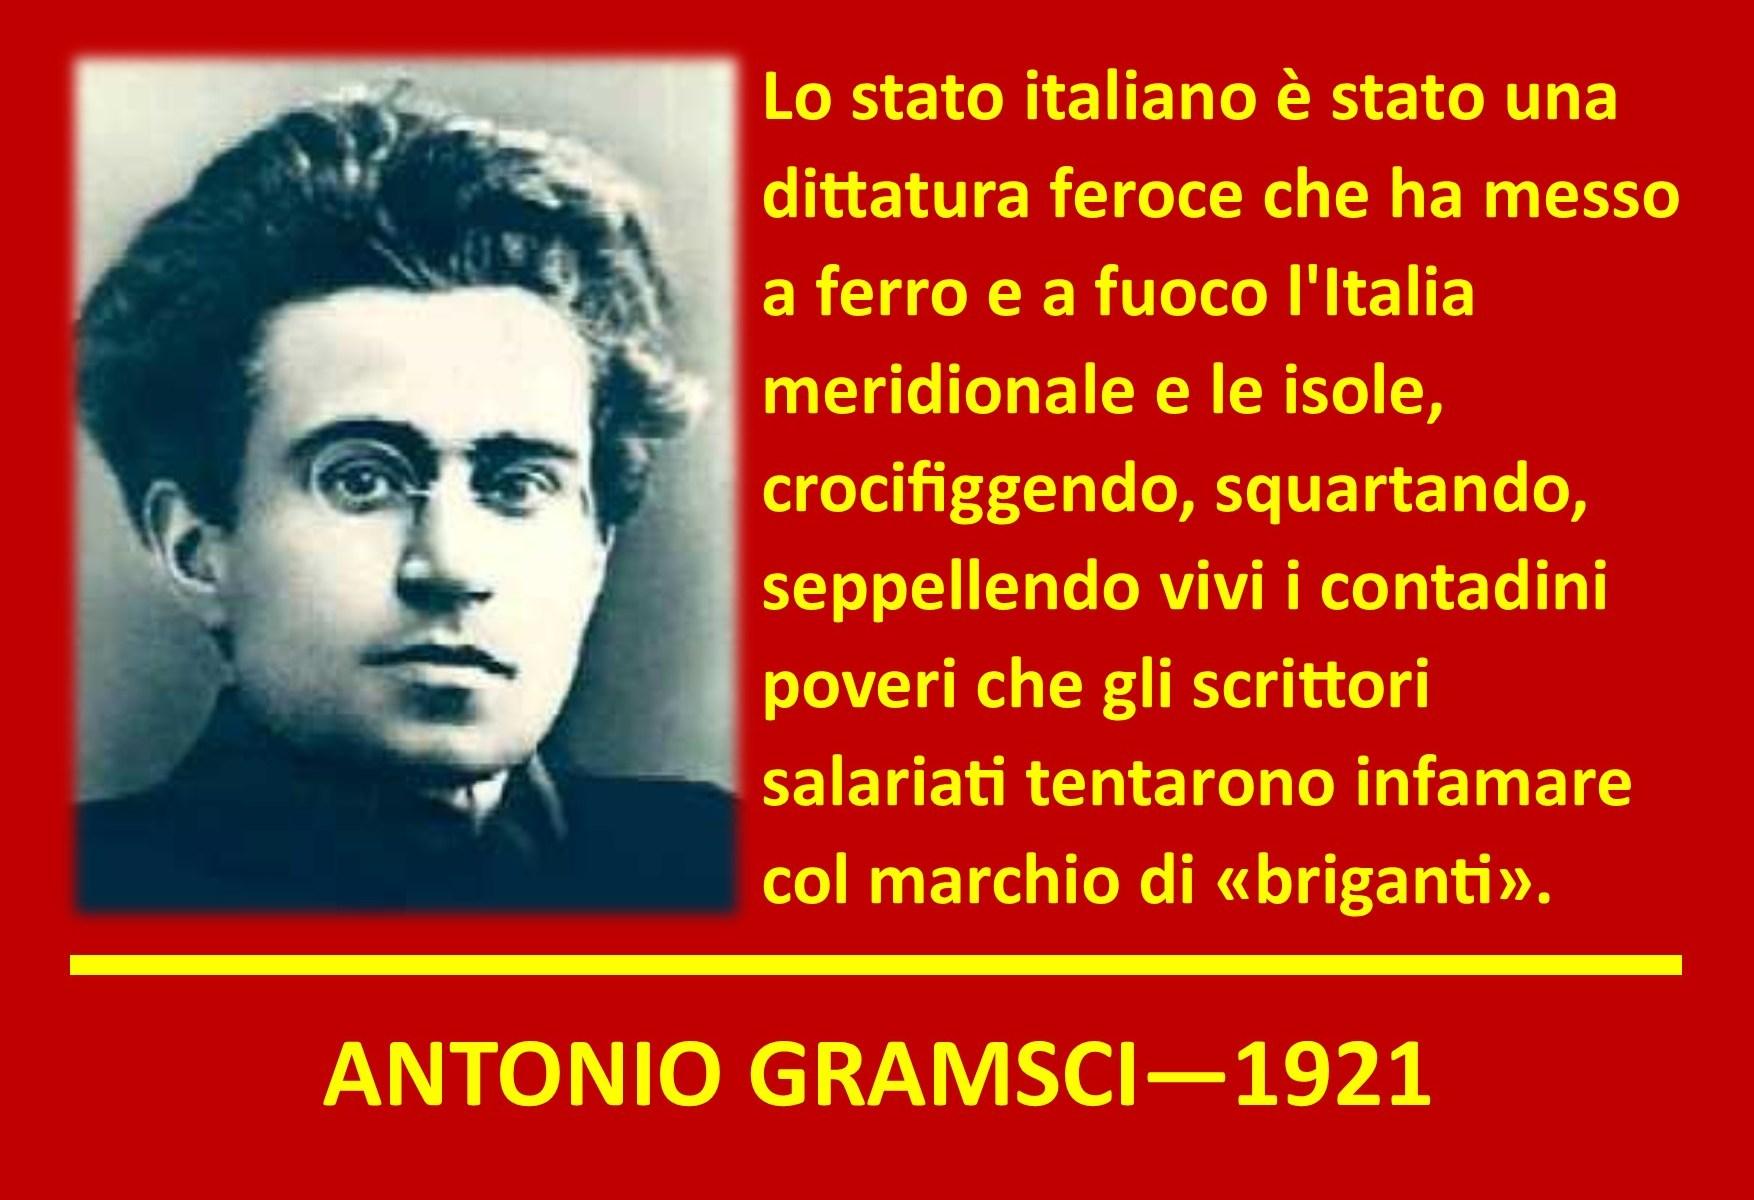 memoria - Gramsci sui massacri